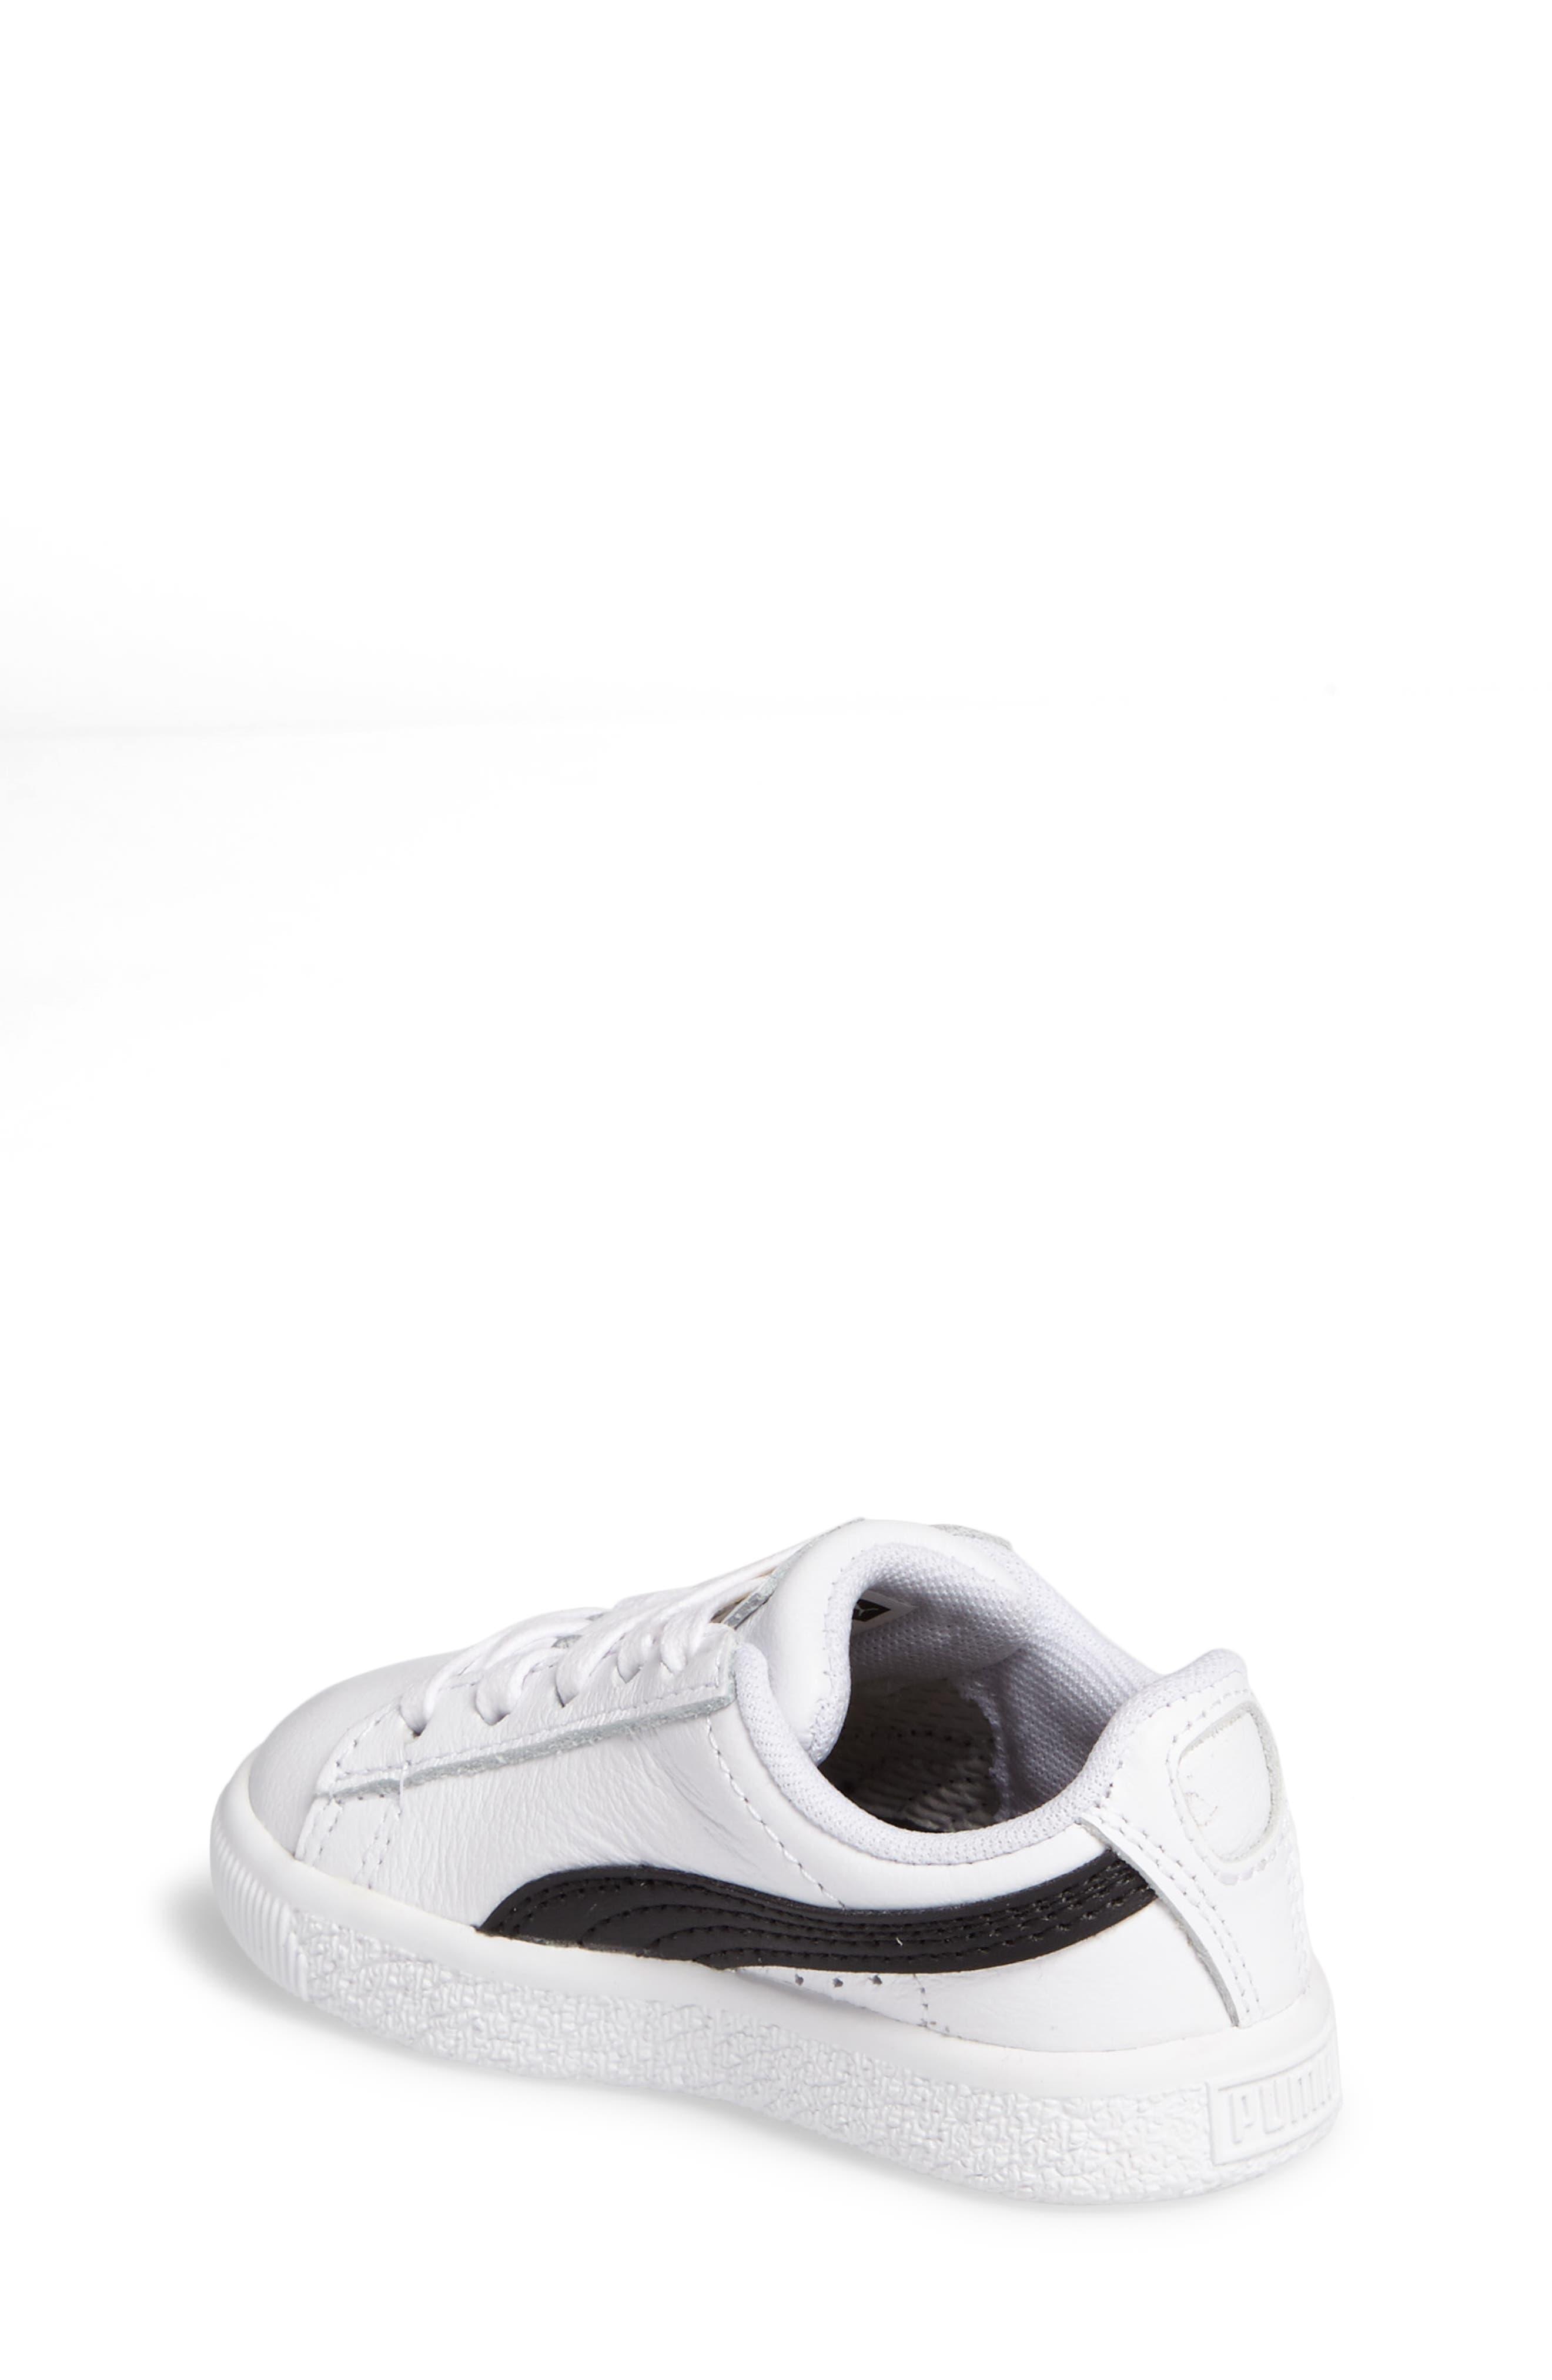 Clyde Core Foil Sneaker,                             Alternate thumbnail 9, color,